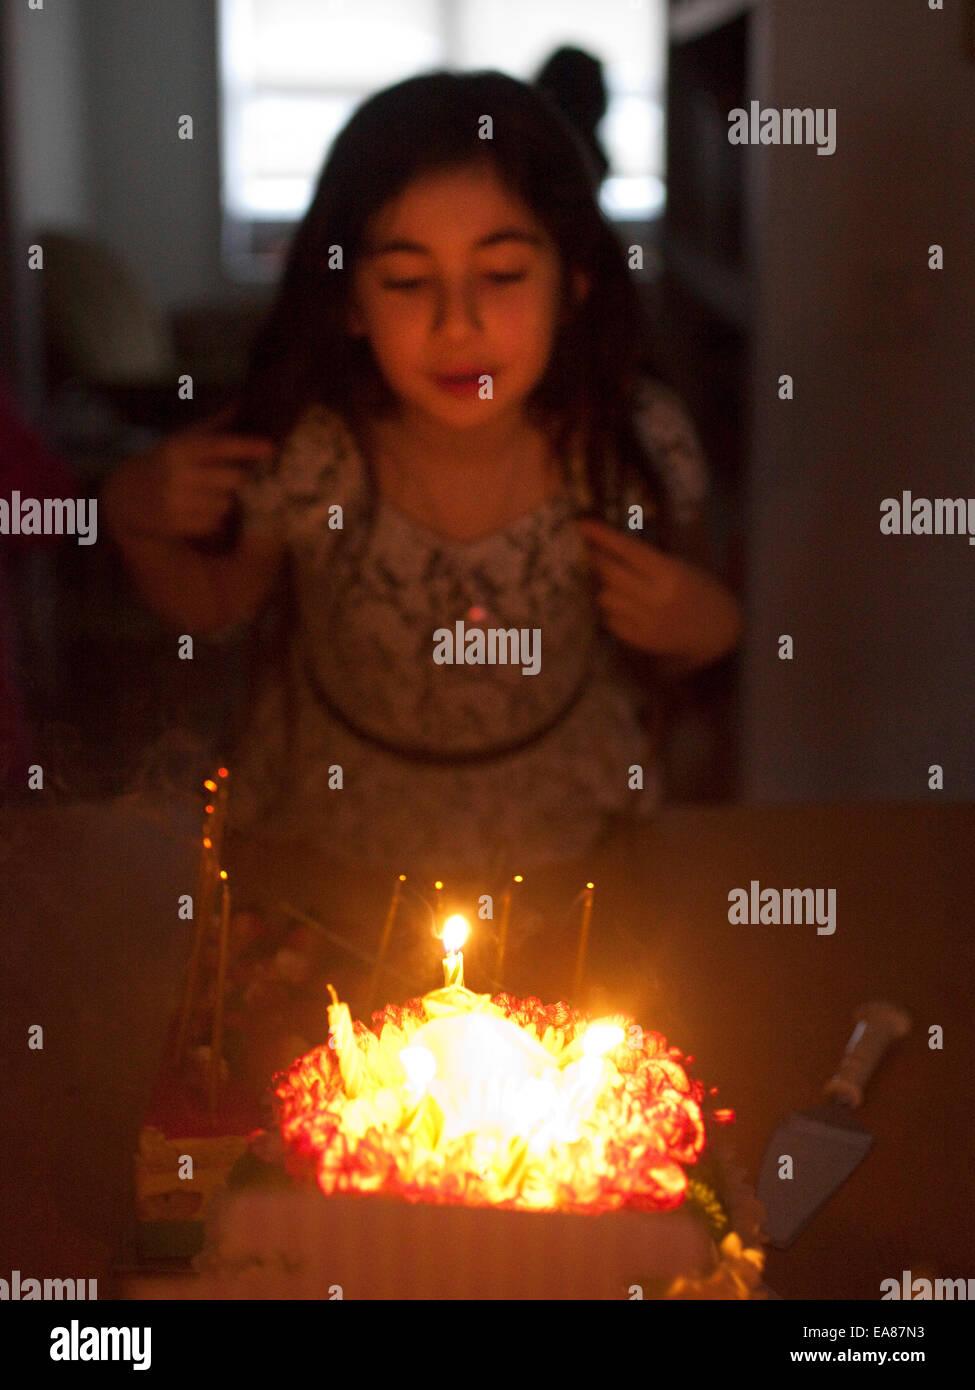 Niña en casa soplar las velas en una tarta de cumpleaños. Imagen De Stock